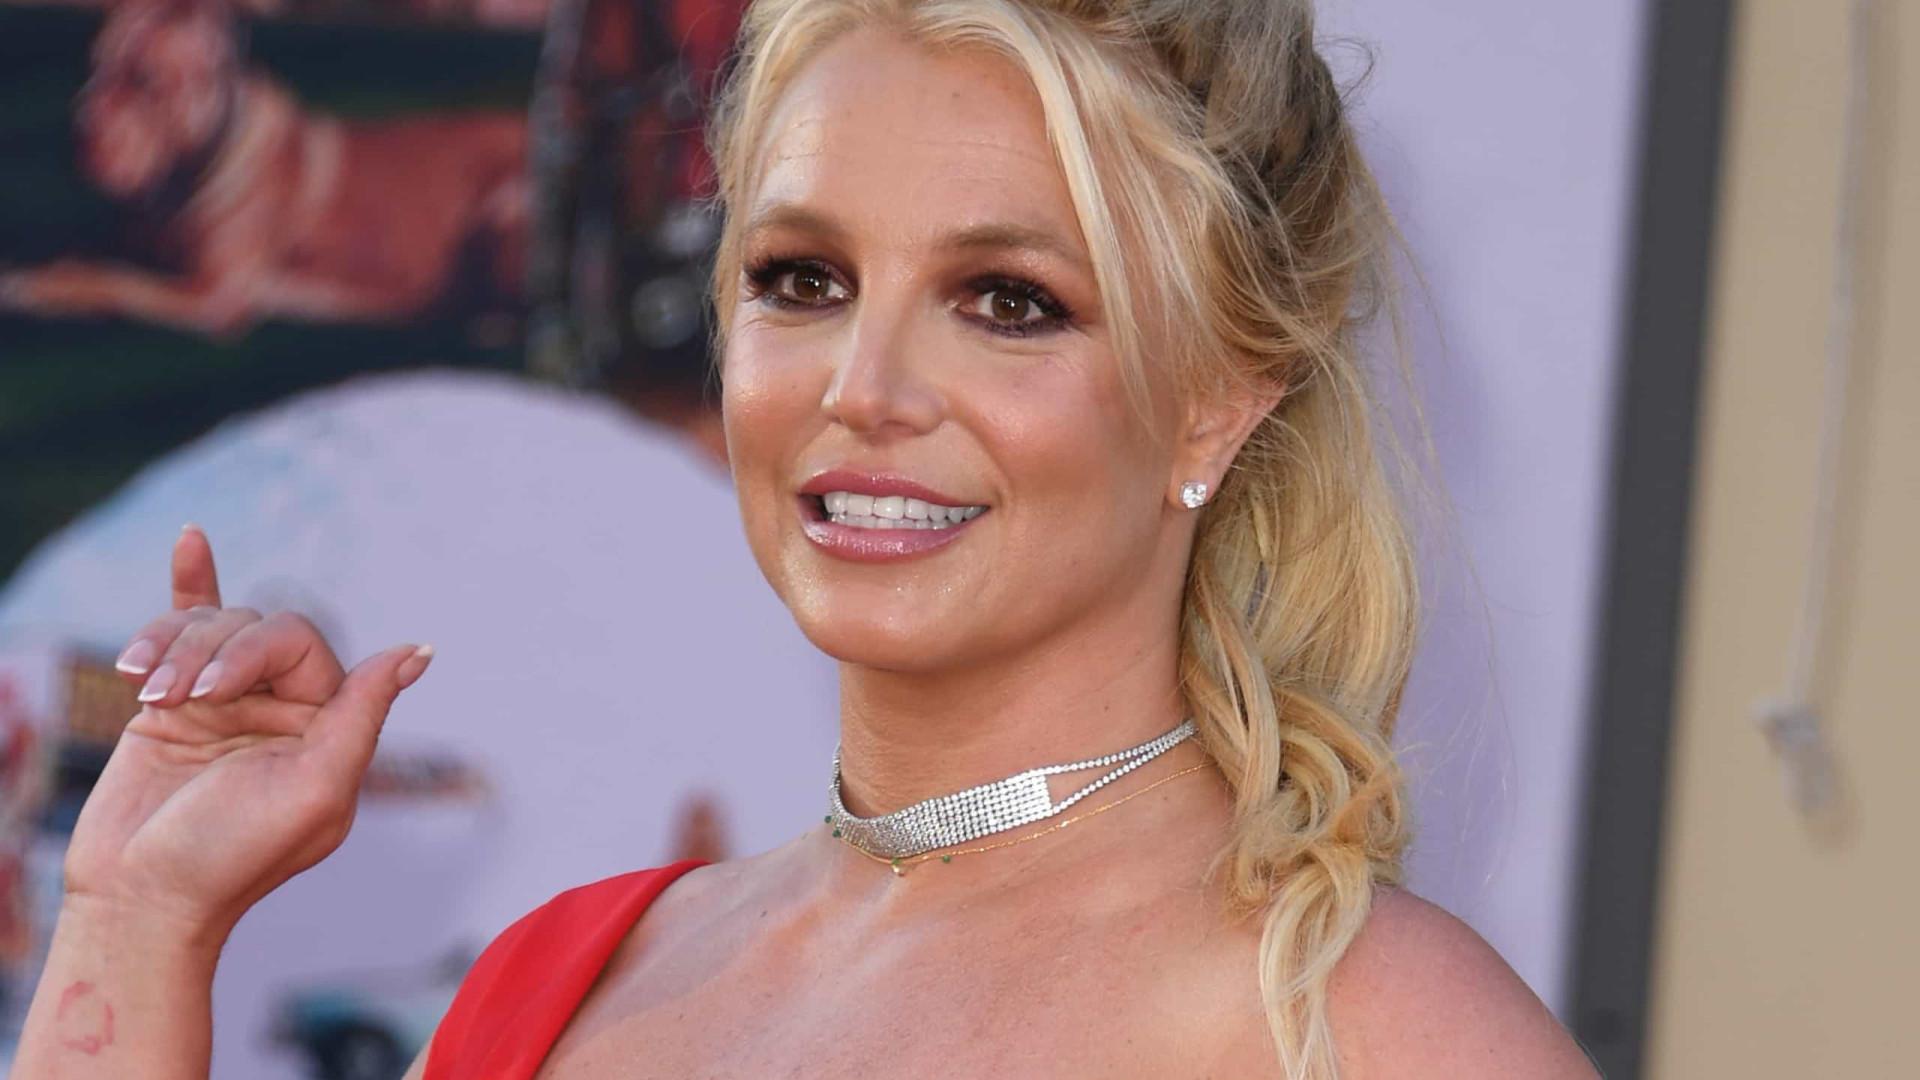 Filhos de Britney Spears estão maiores que a mãe. Veja a foto raríssima